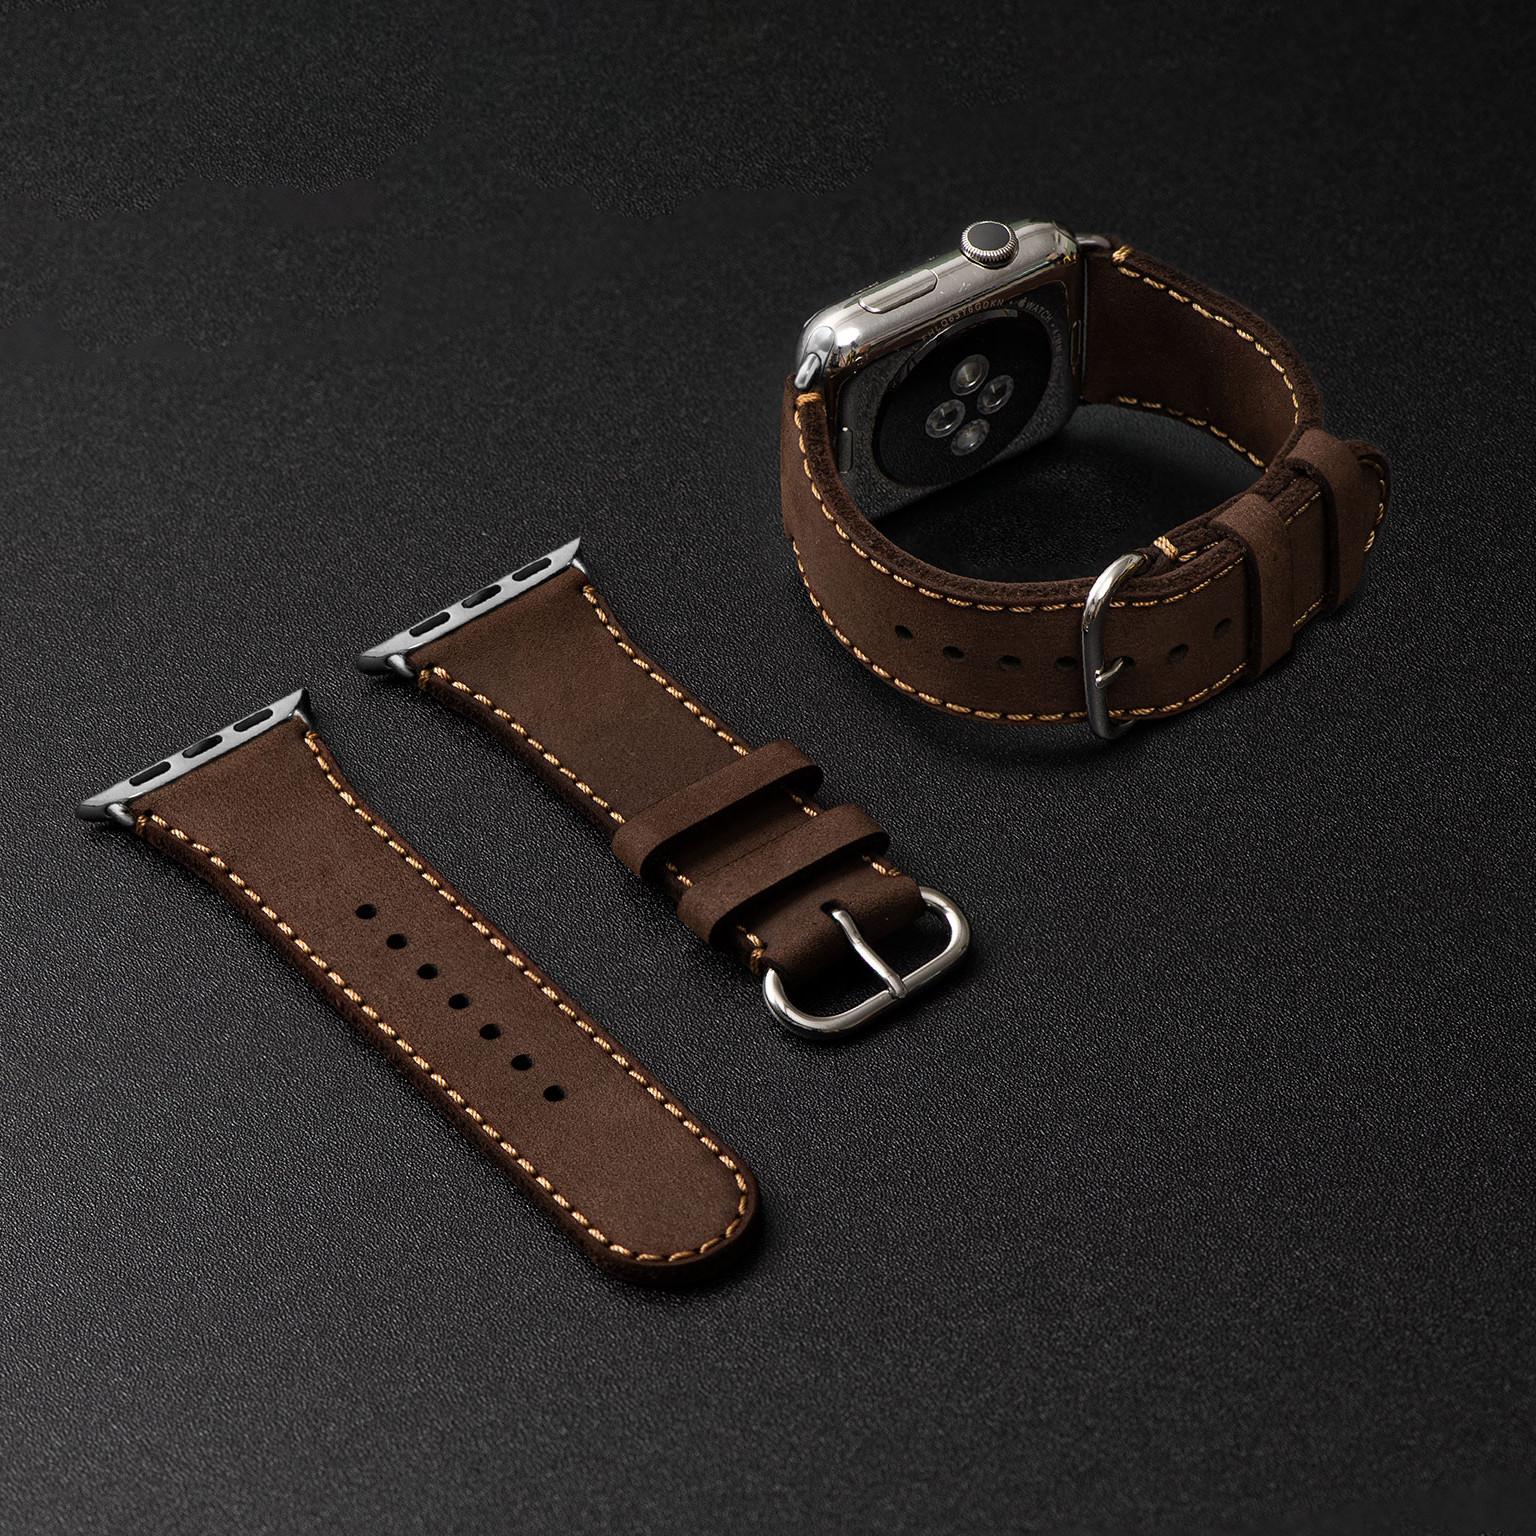 Dây da đồng hồ SEN Apple Watch size 38/40 - CHÍNH HÃNG KHACTEN.COM